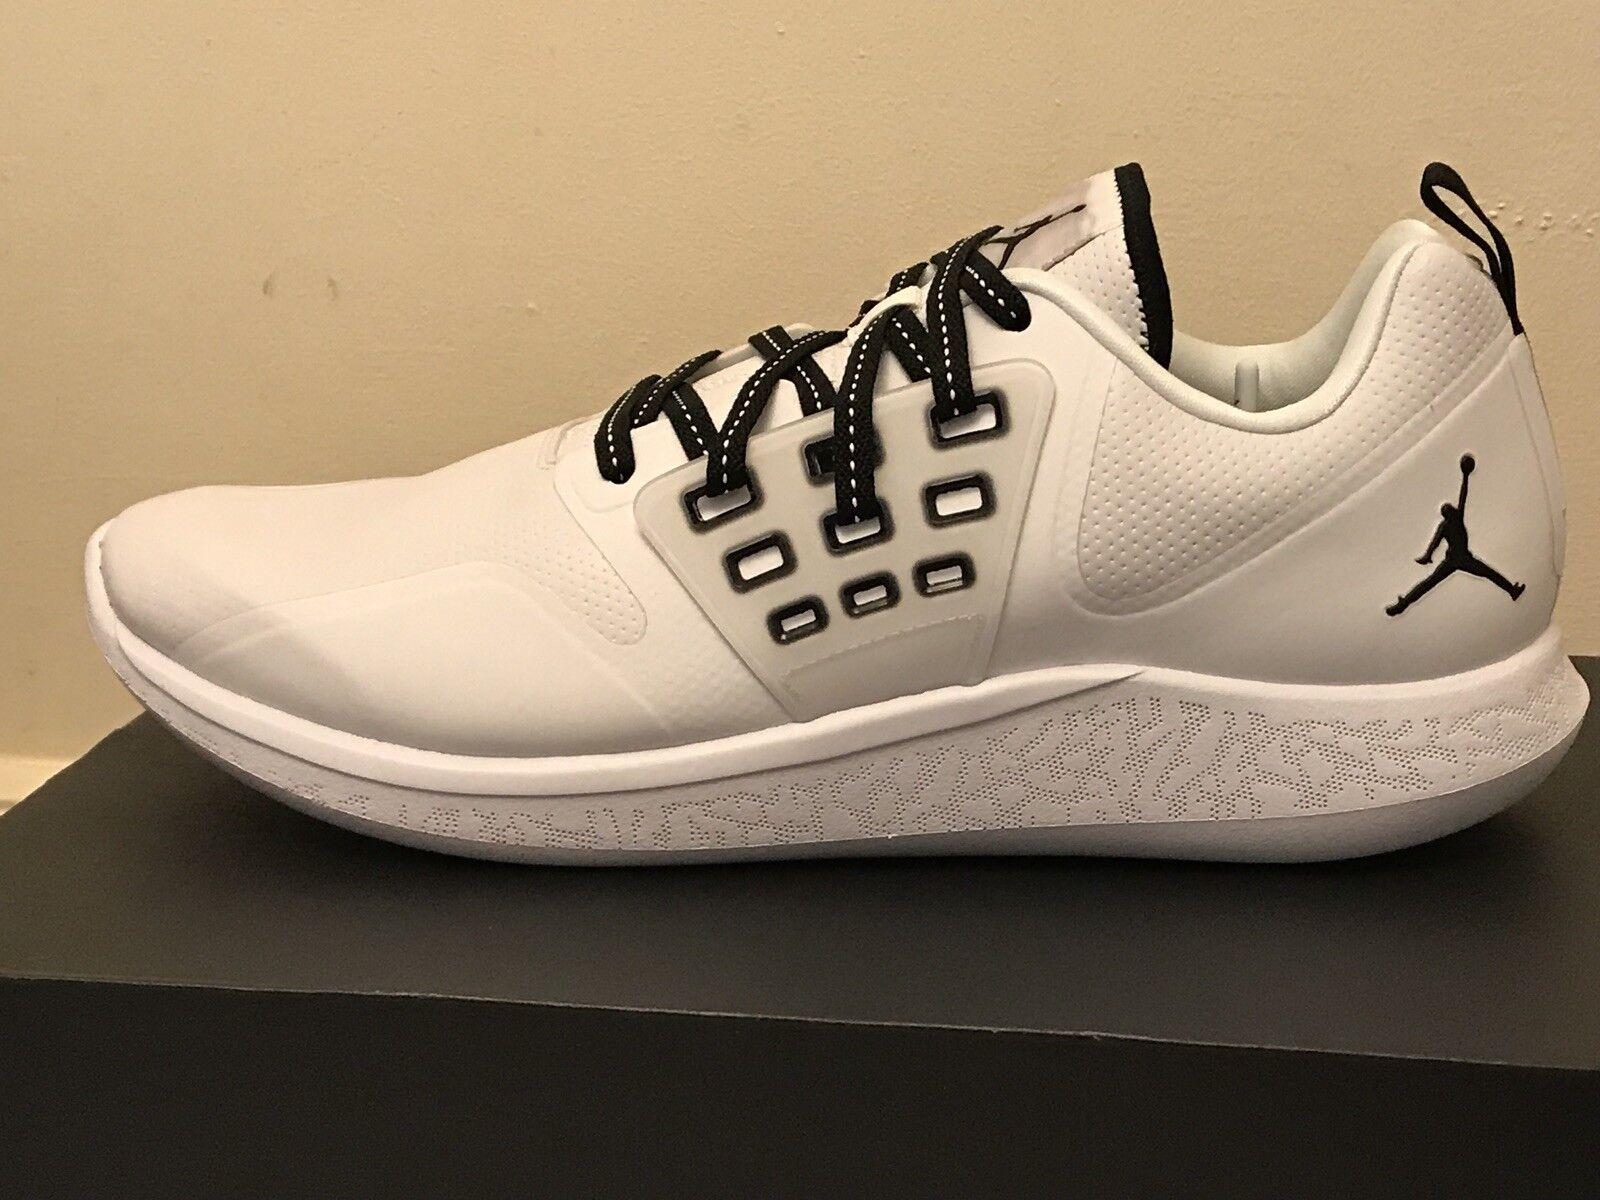 Nike JORDAN GRIND chaussures homme  TRAINERS SNEAKERS chaussures GRIND UK14 EUR 49.5 97ac7b